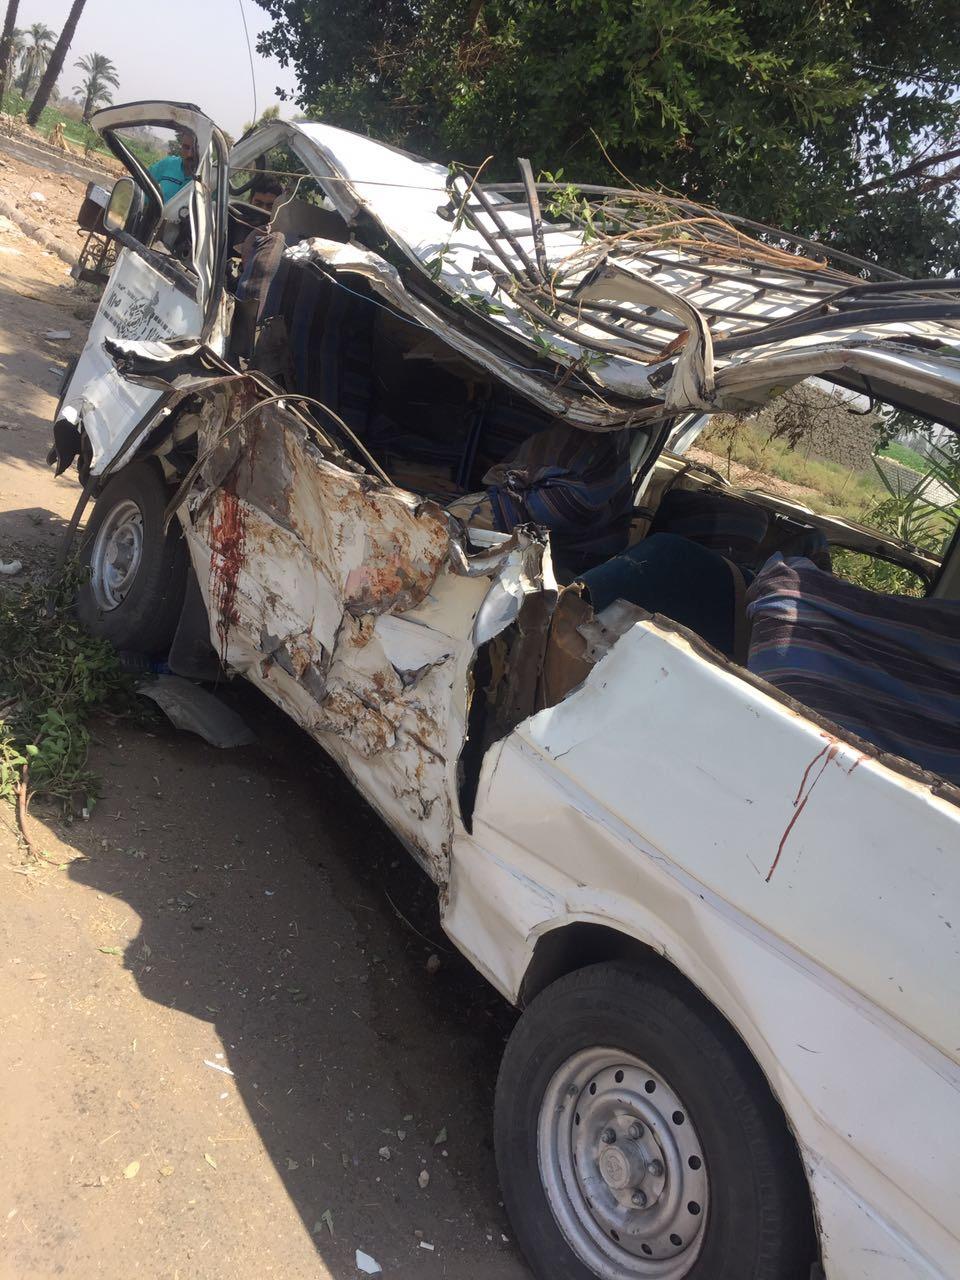 جانب السيارة المحطم بعد الحادث